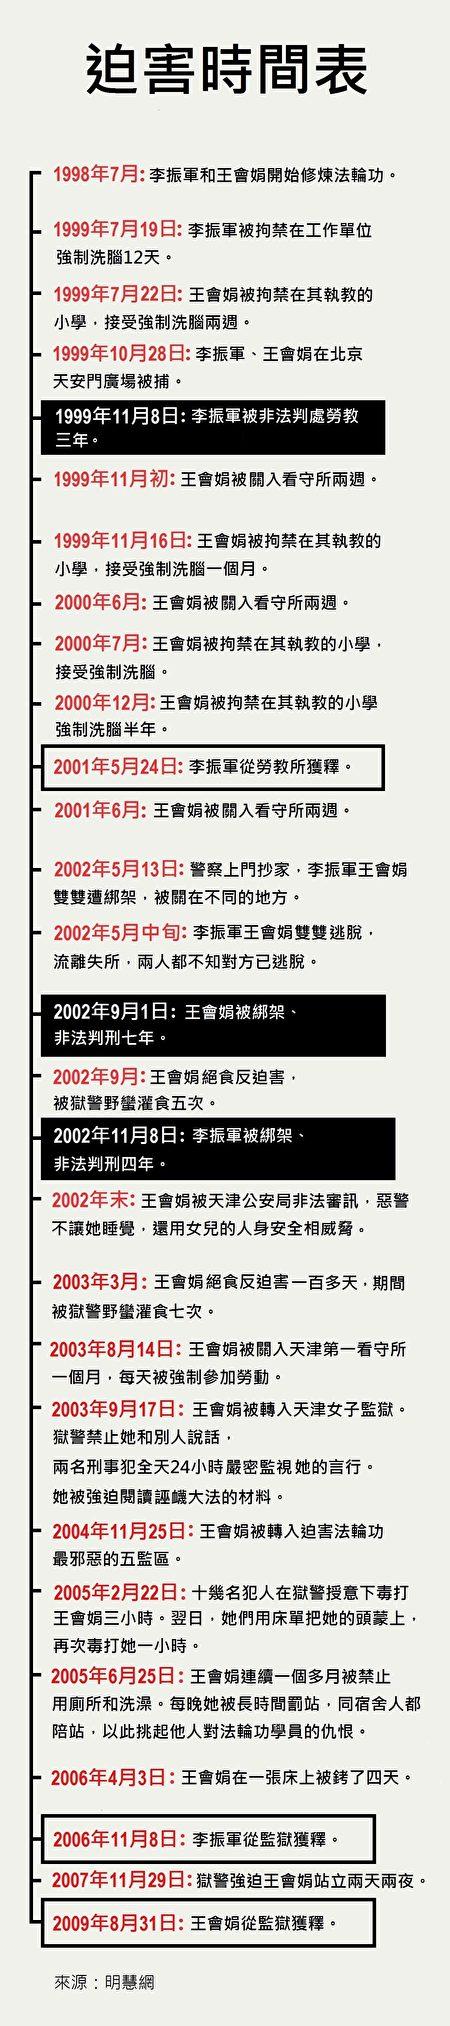 李振軍王會娟夫婦受中共迫害時間表。(大紀元製圖)